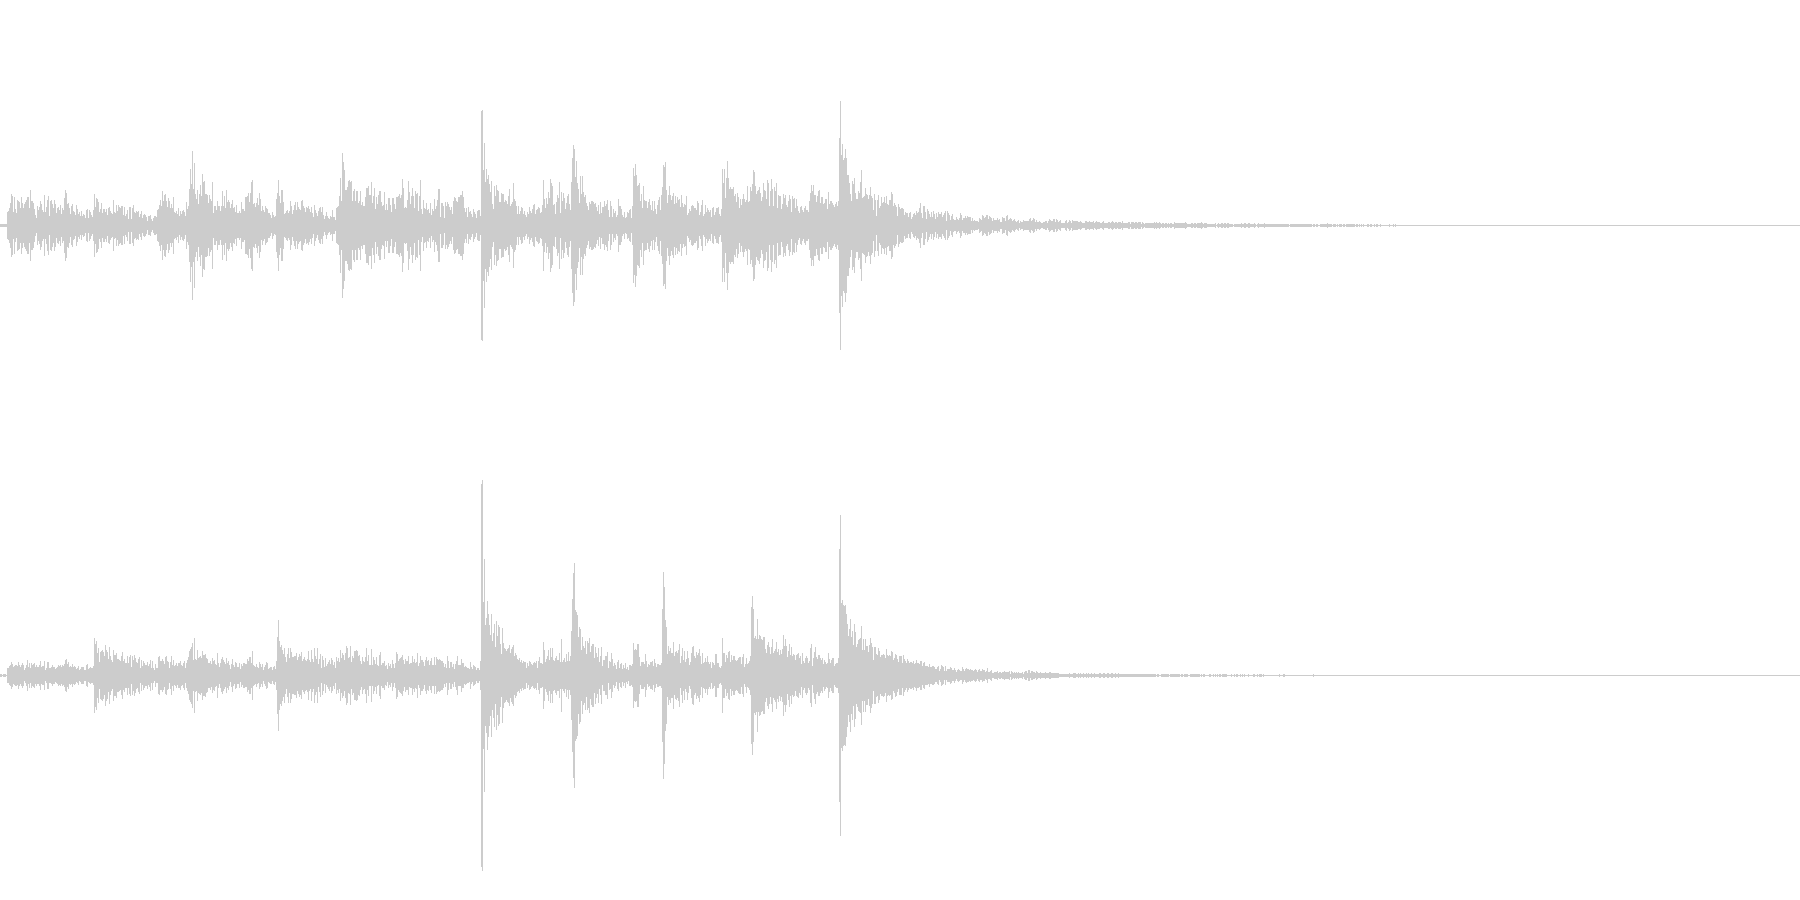 ティンパニ、(手)、アクセント、シ...の未再生の波形